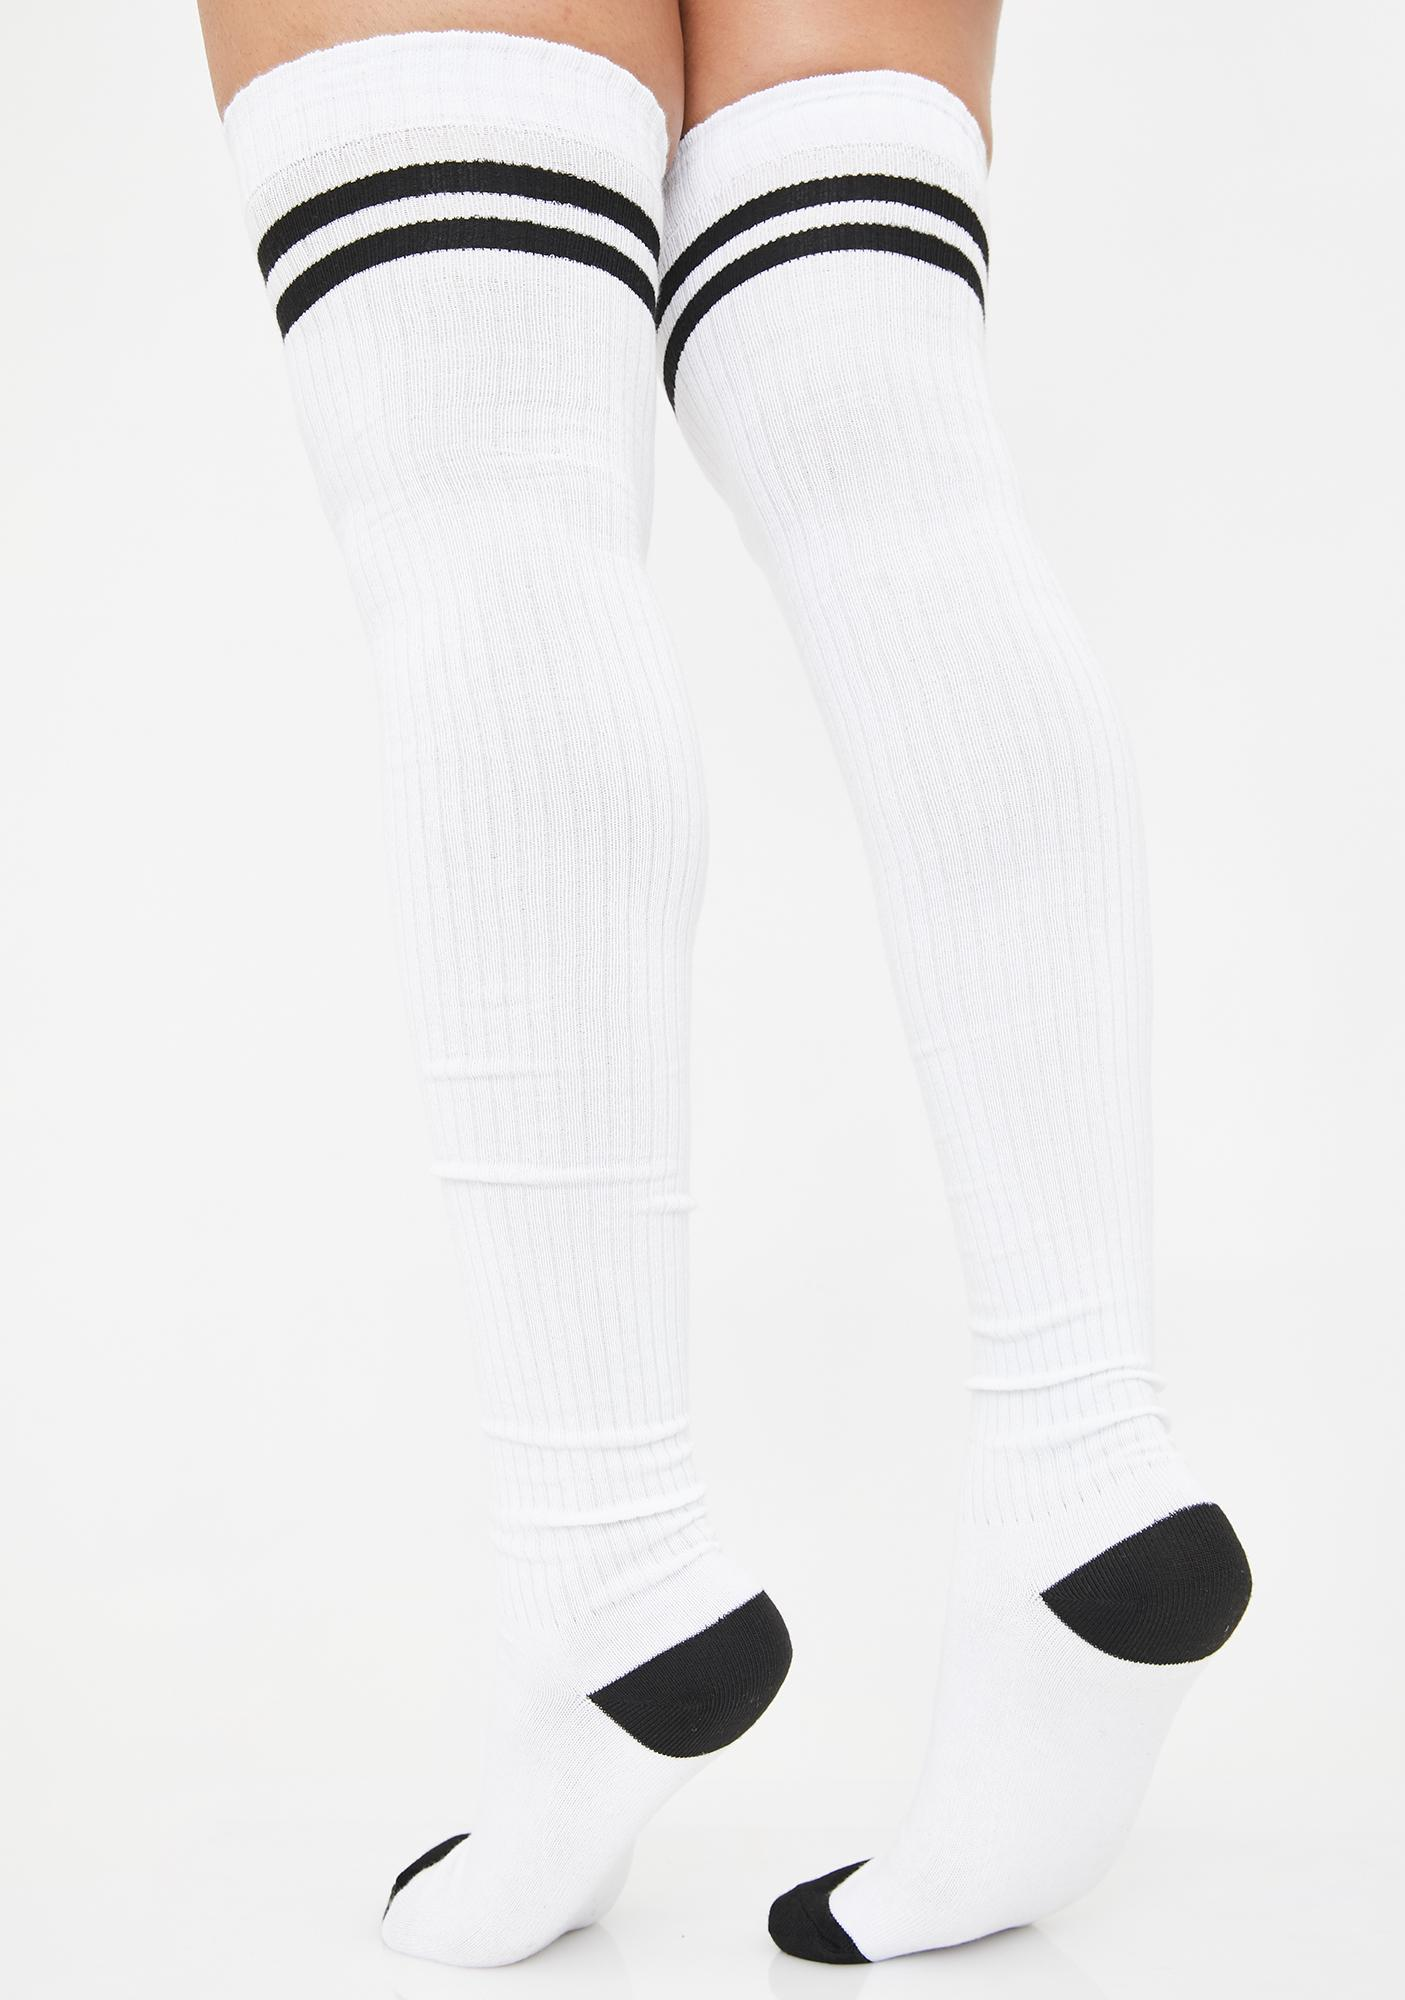 Locker Room Goss Thigh High Socks